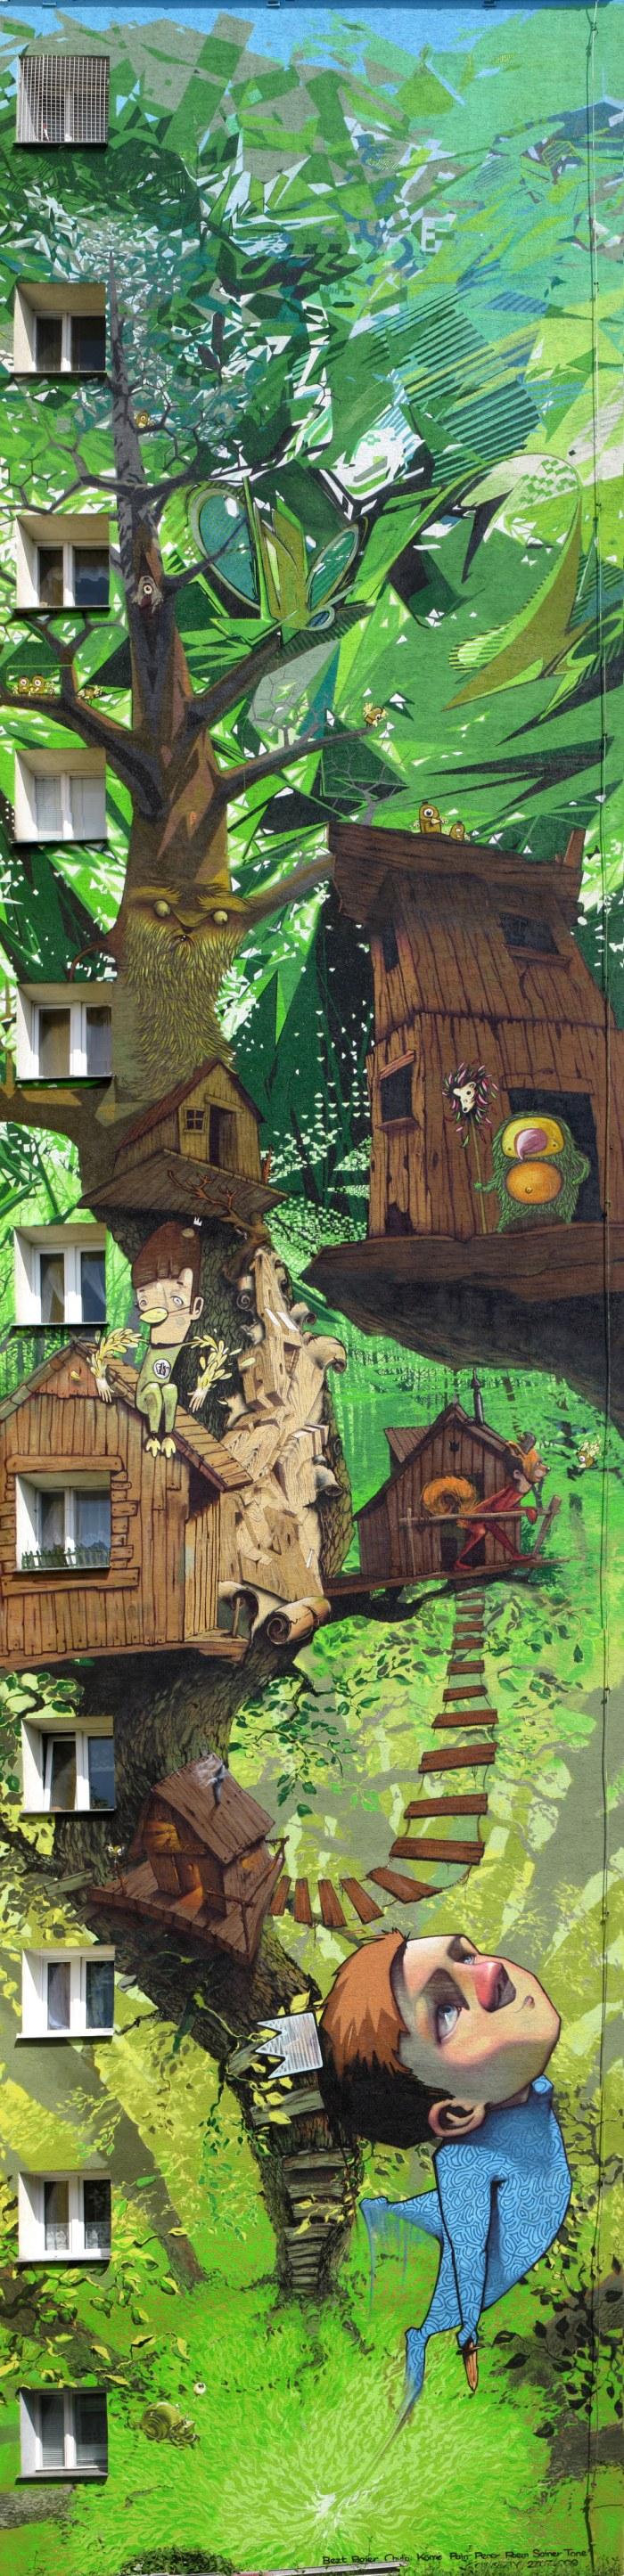 etam-cru-psychedelic-street-art-etam-10-1600-900